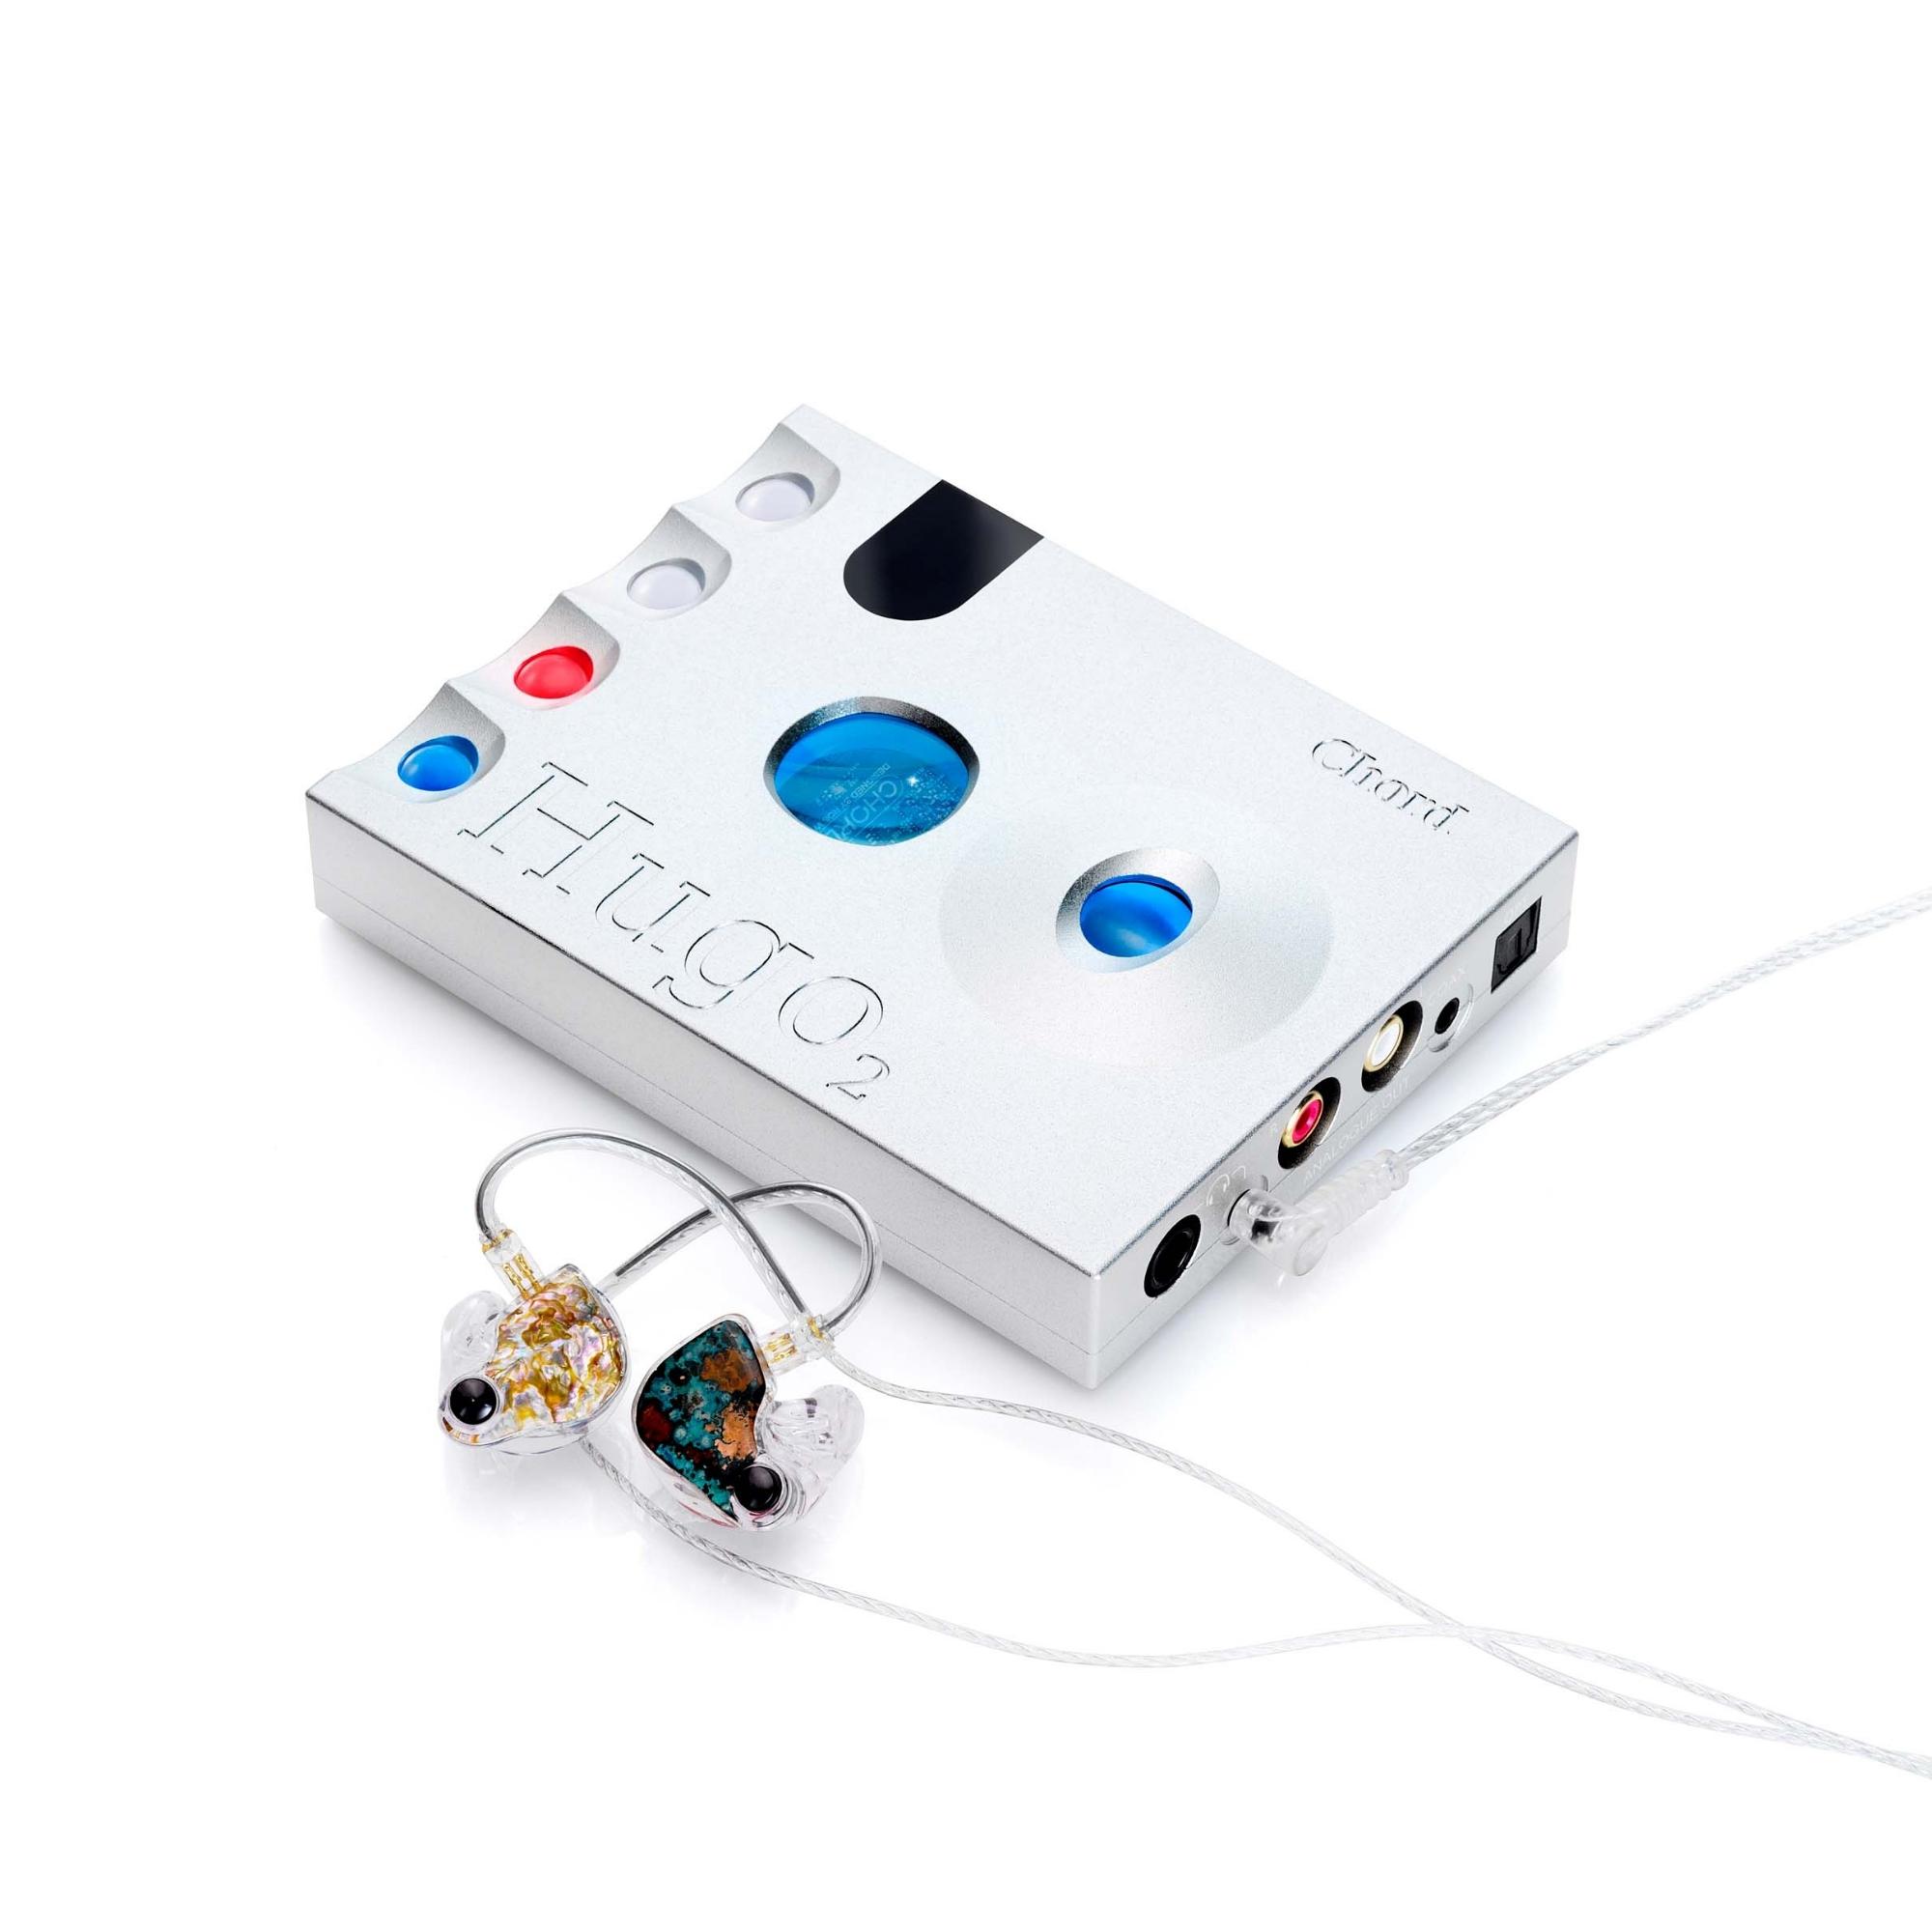 Chord Hugo 2 DAC / Headphone Amp